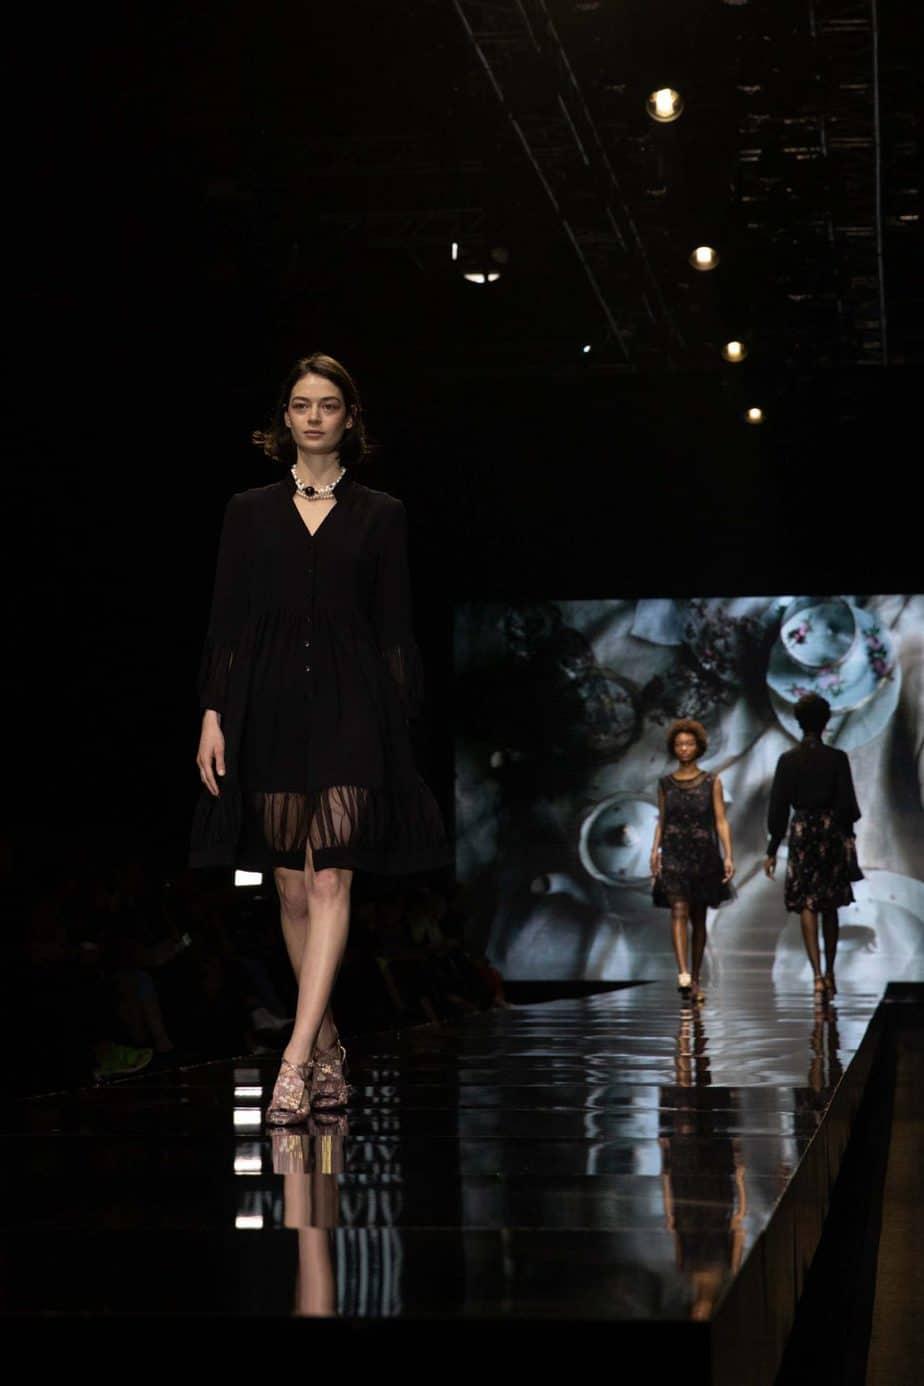 דורין פרקפורט. שבוע האופנה תל אביב 2019. צילום עומר קפלן -17